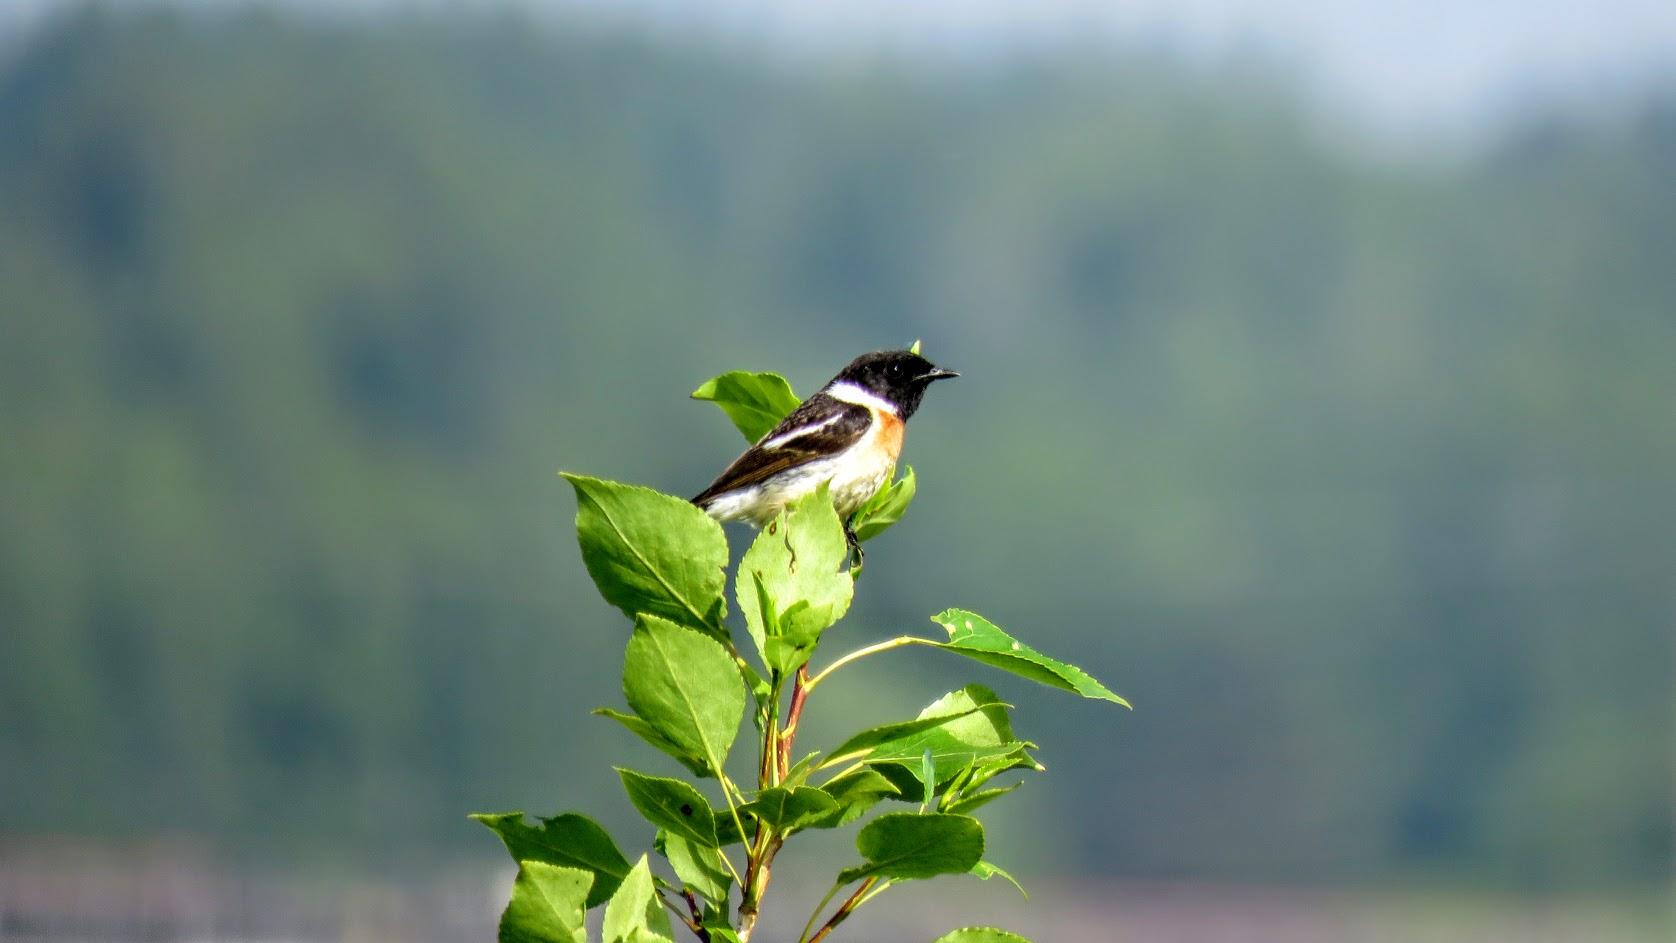 Цветики, птички, маслята и сосновые шишки. Мои припасы на зиму) IMG_6666.jpg